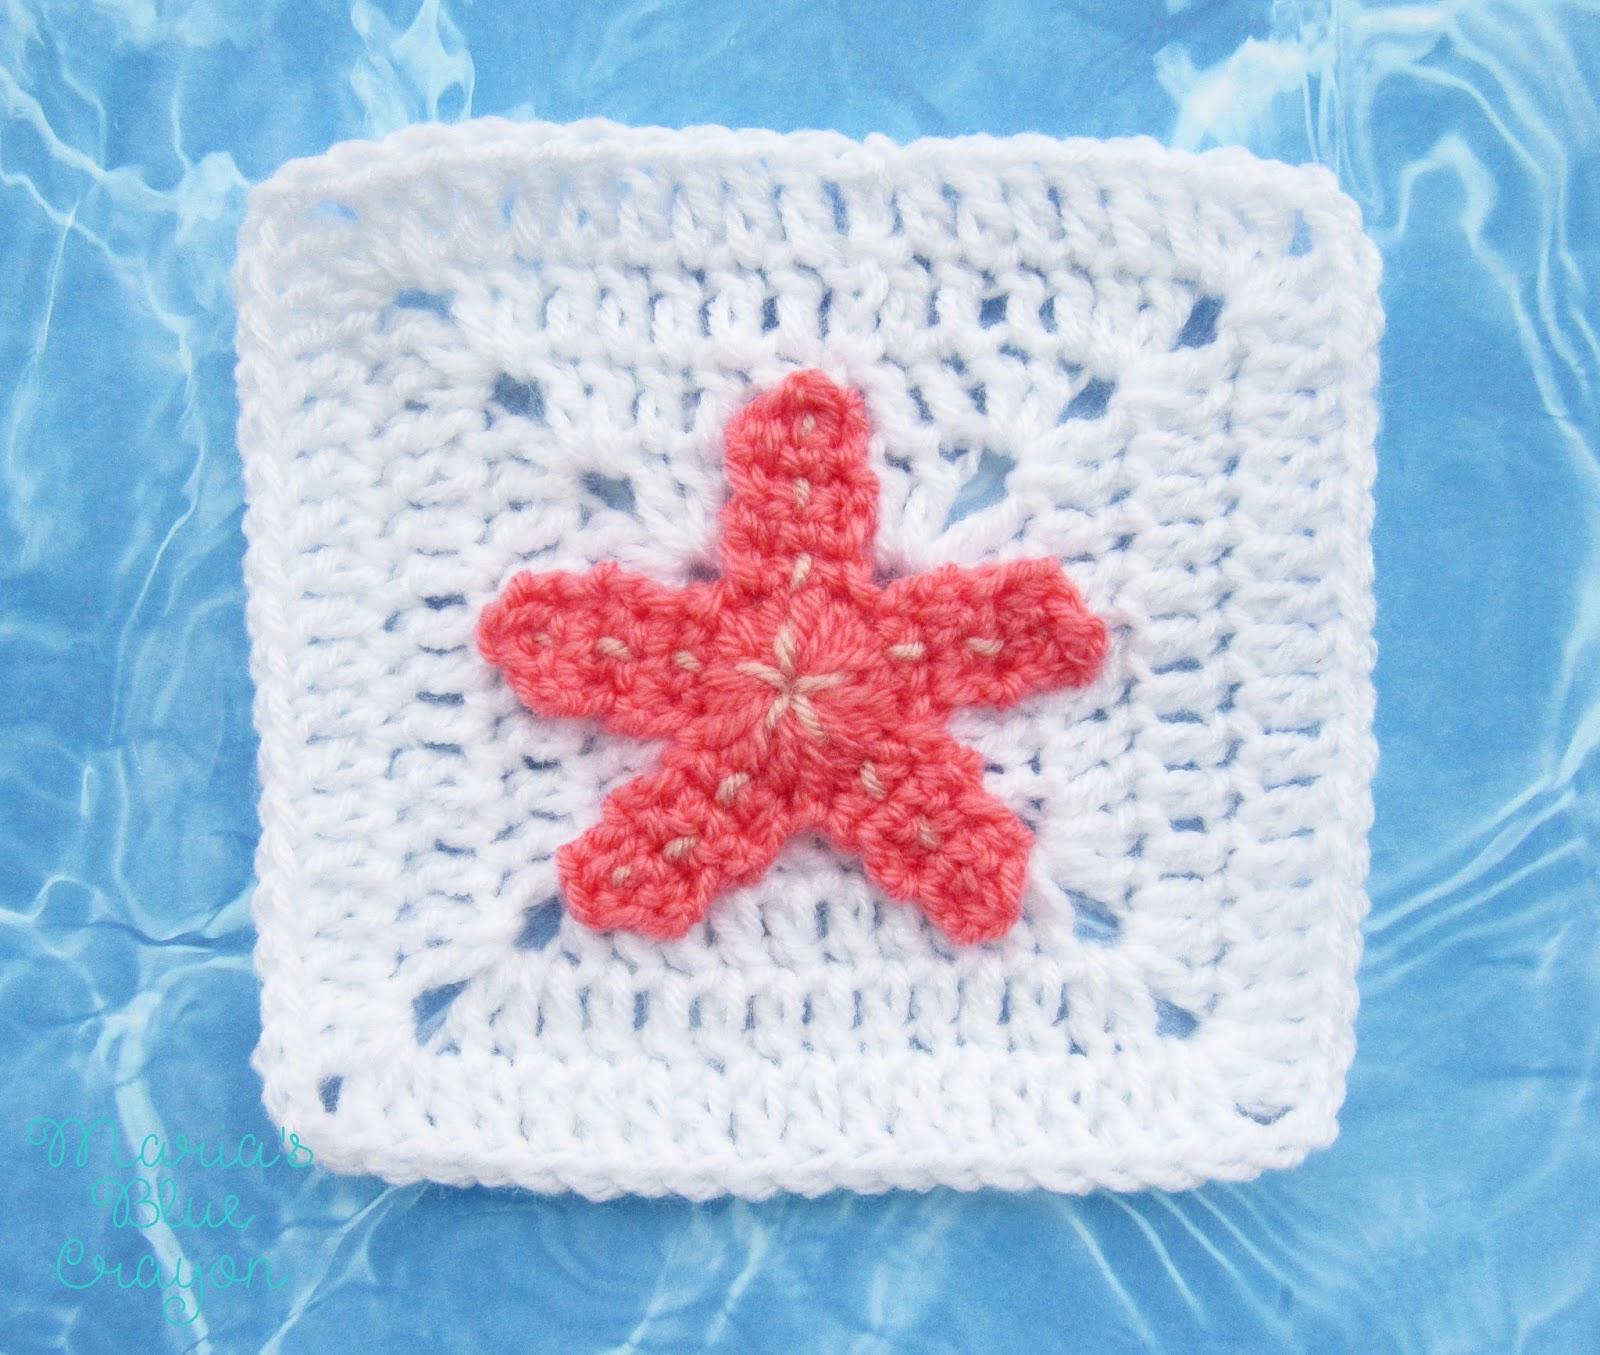 Crochet Starfish Applique and Granny Square Free Crochet Pattern ...